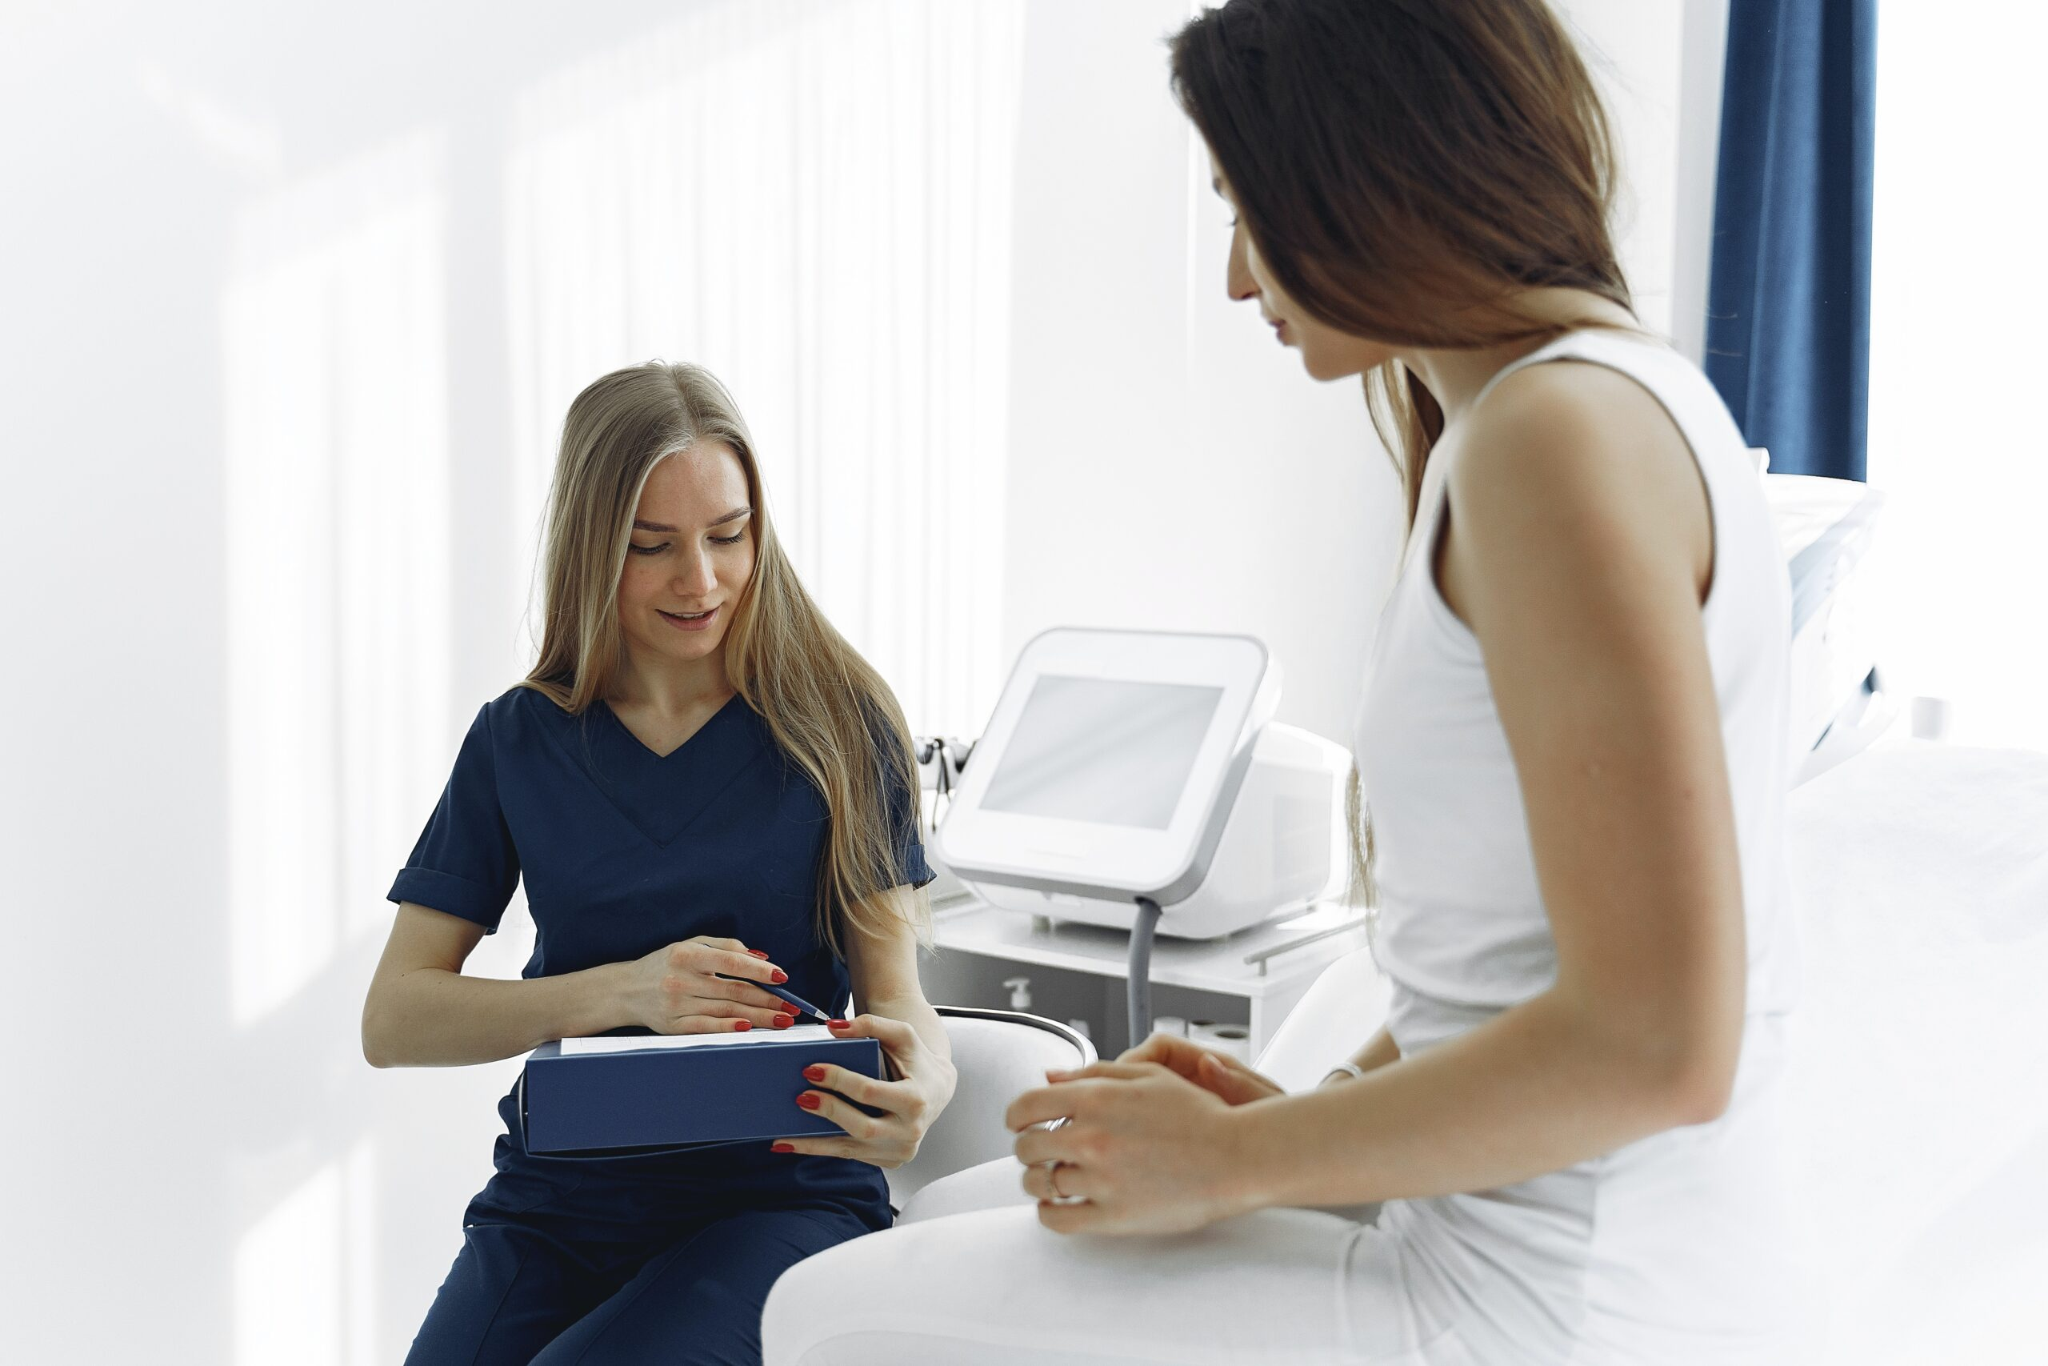 Mesoterapia Virtual – Tratamiento no invasivo que utiliza activos drenantes